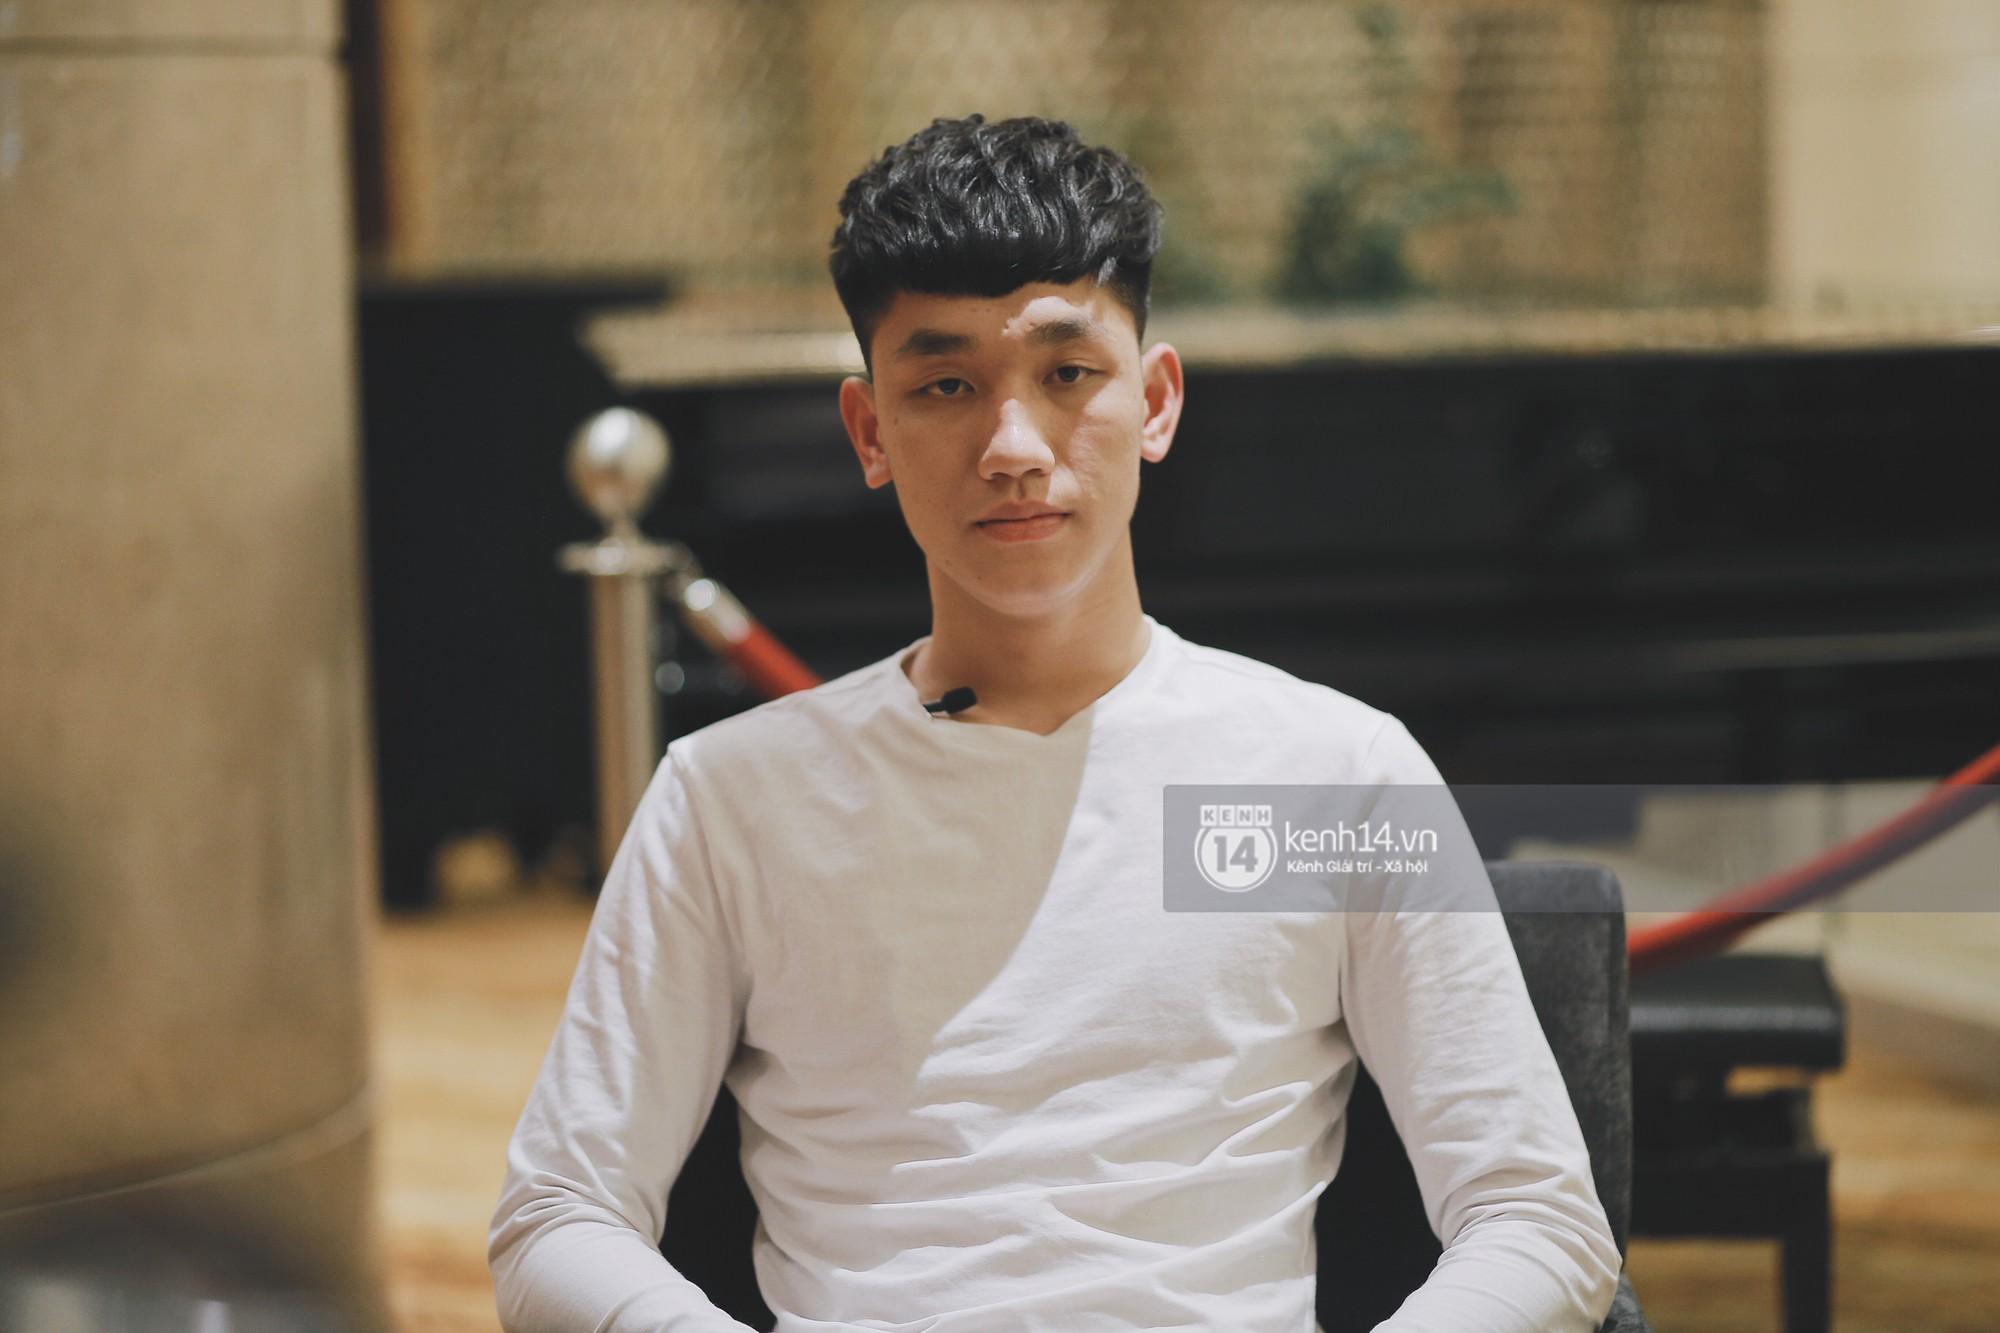 """Trọng Đại - anh chàng """"cool ngầu"""" của U23: Nếu là con gái sẽ chọn Văn Đức hoặc Văn Hậu để... hẹn hò - Ảnh 3."""